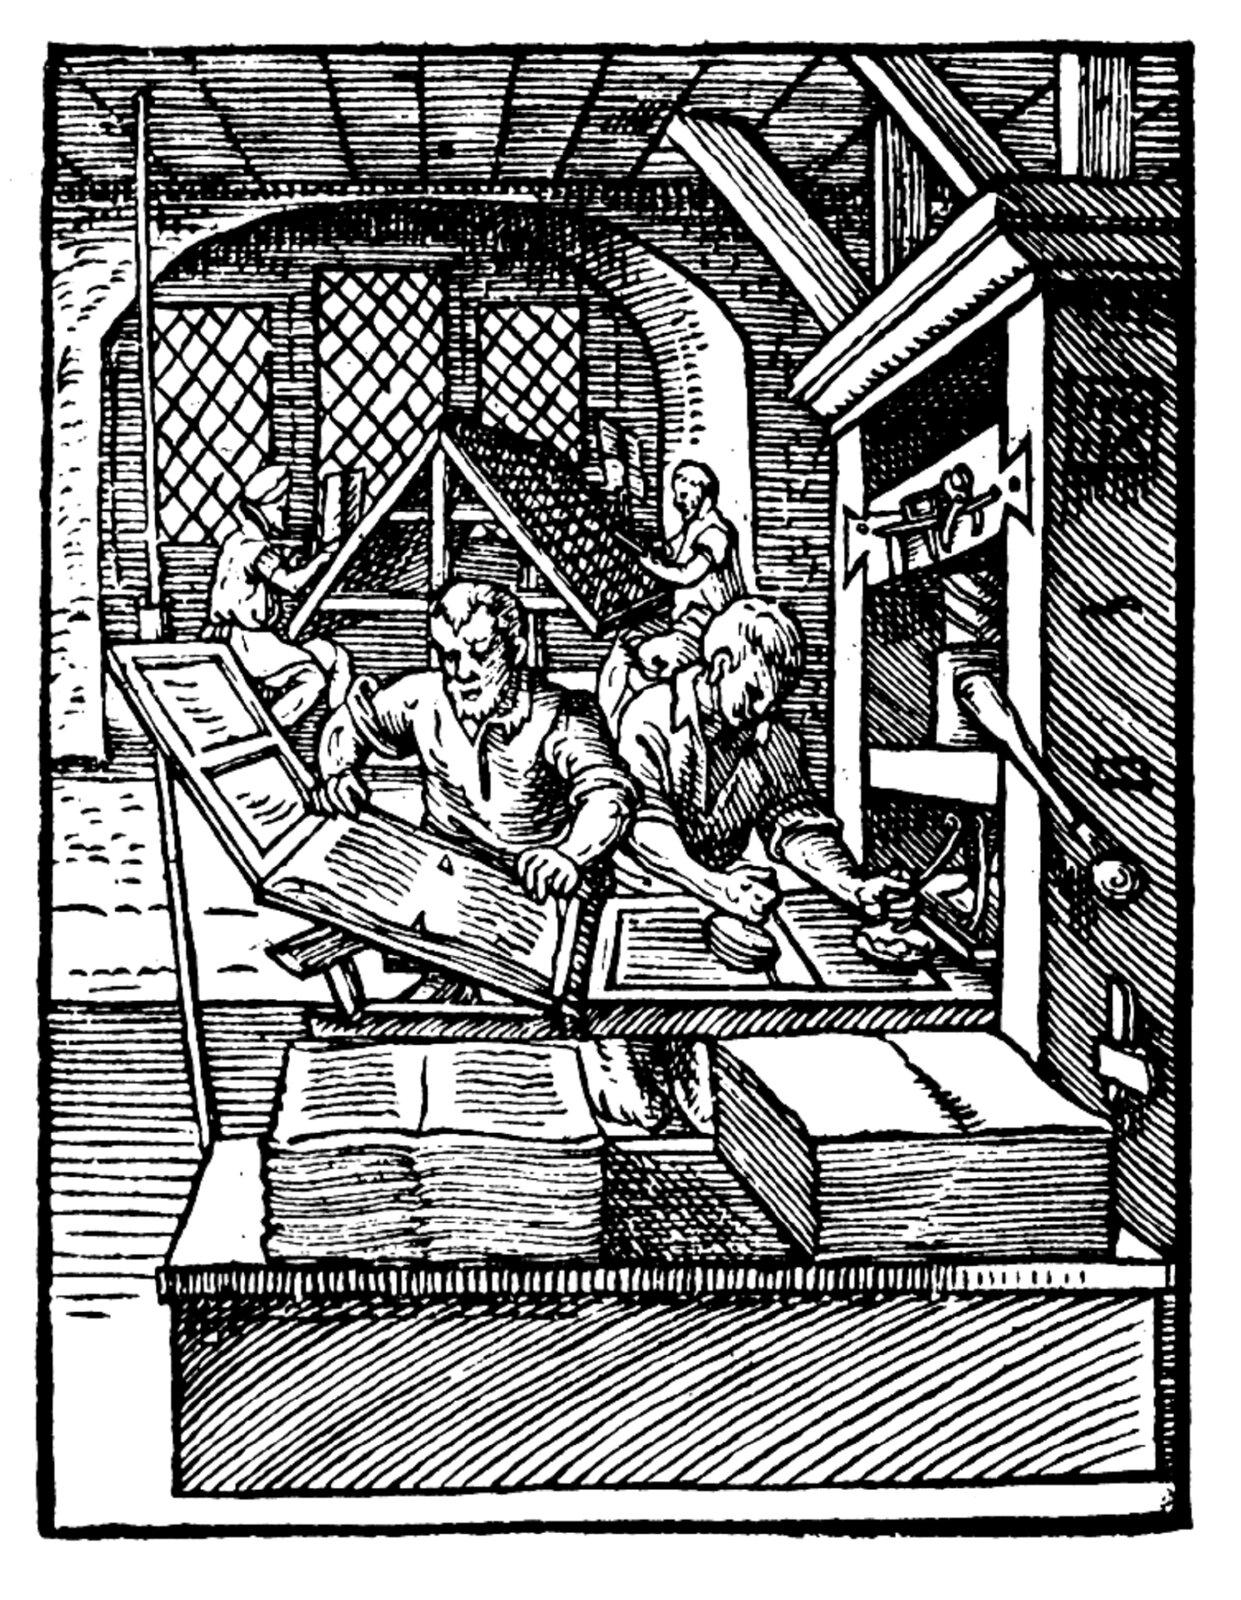 Czarno-biały drzeworyt nieznanego autora przedstawia widok na pracę wdrukarni. Na ilustracji znajduje się grupa osób, pracująca przy prasie drukarskiej – jeden zmężczyzn ręcznie nanosi czcionki na karty, druga osoba je przegląda iodkłada na stos gotowych kart.  Woddali widoczne są dwie osoby, które pracują nad kartami na wysokich pulpitach.